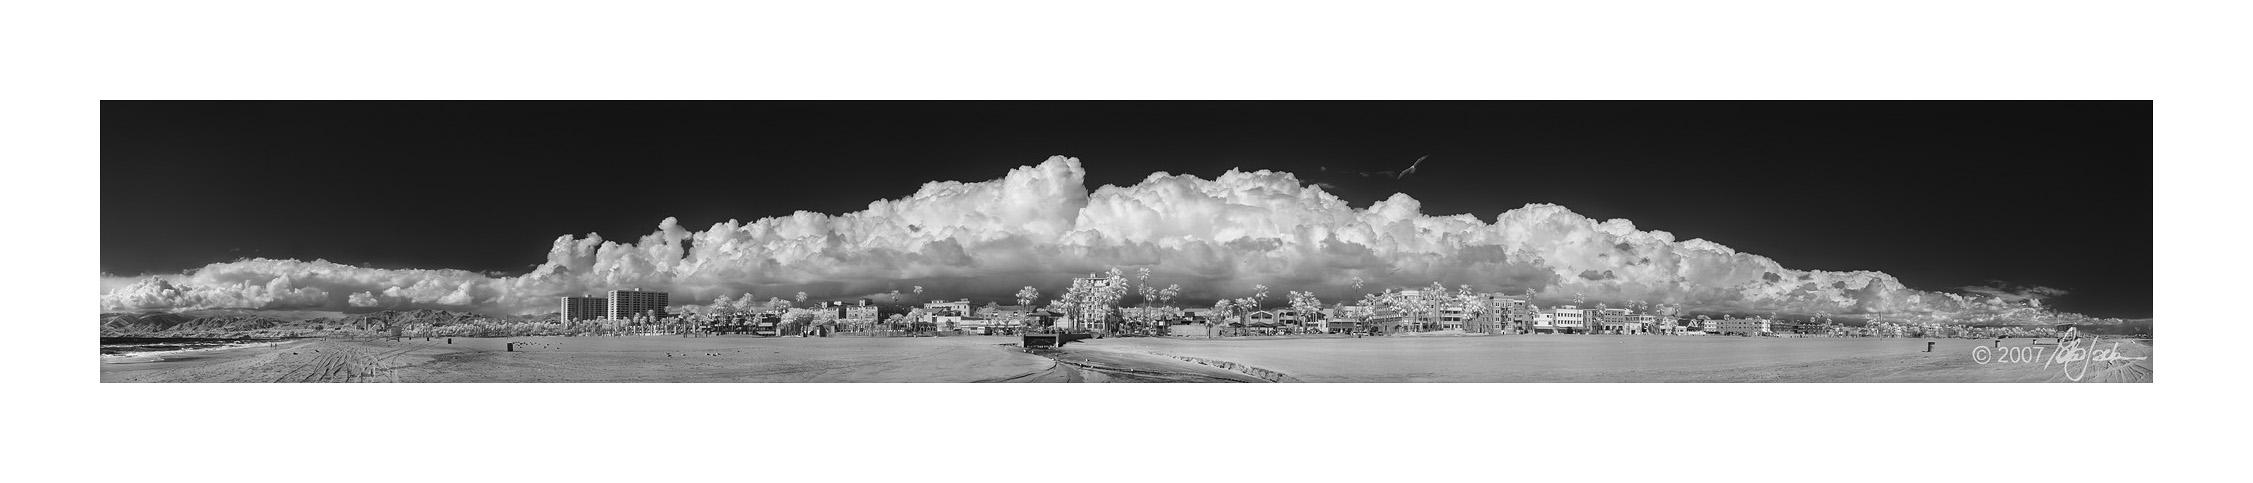 Venice Beach Clouds Infrared